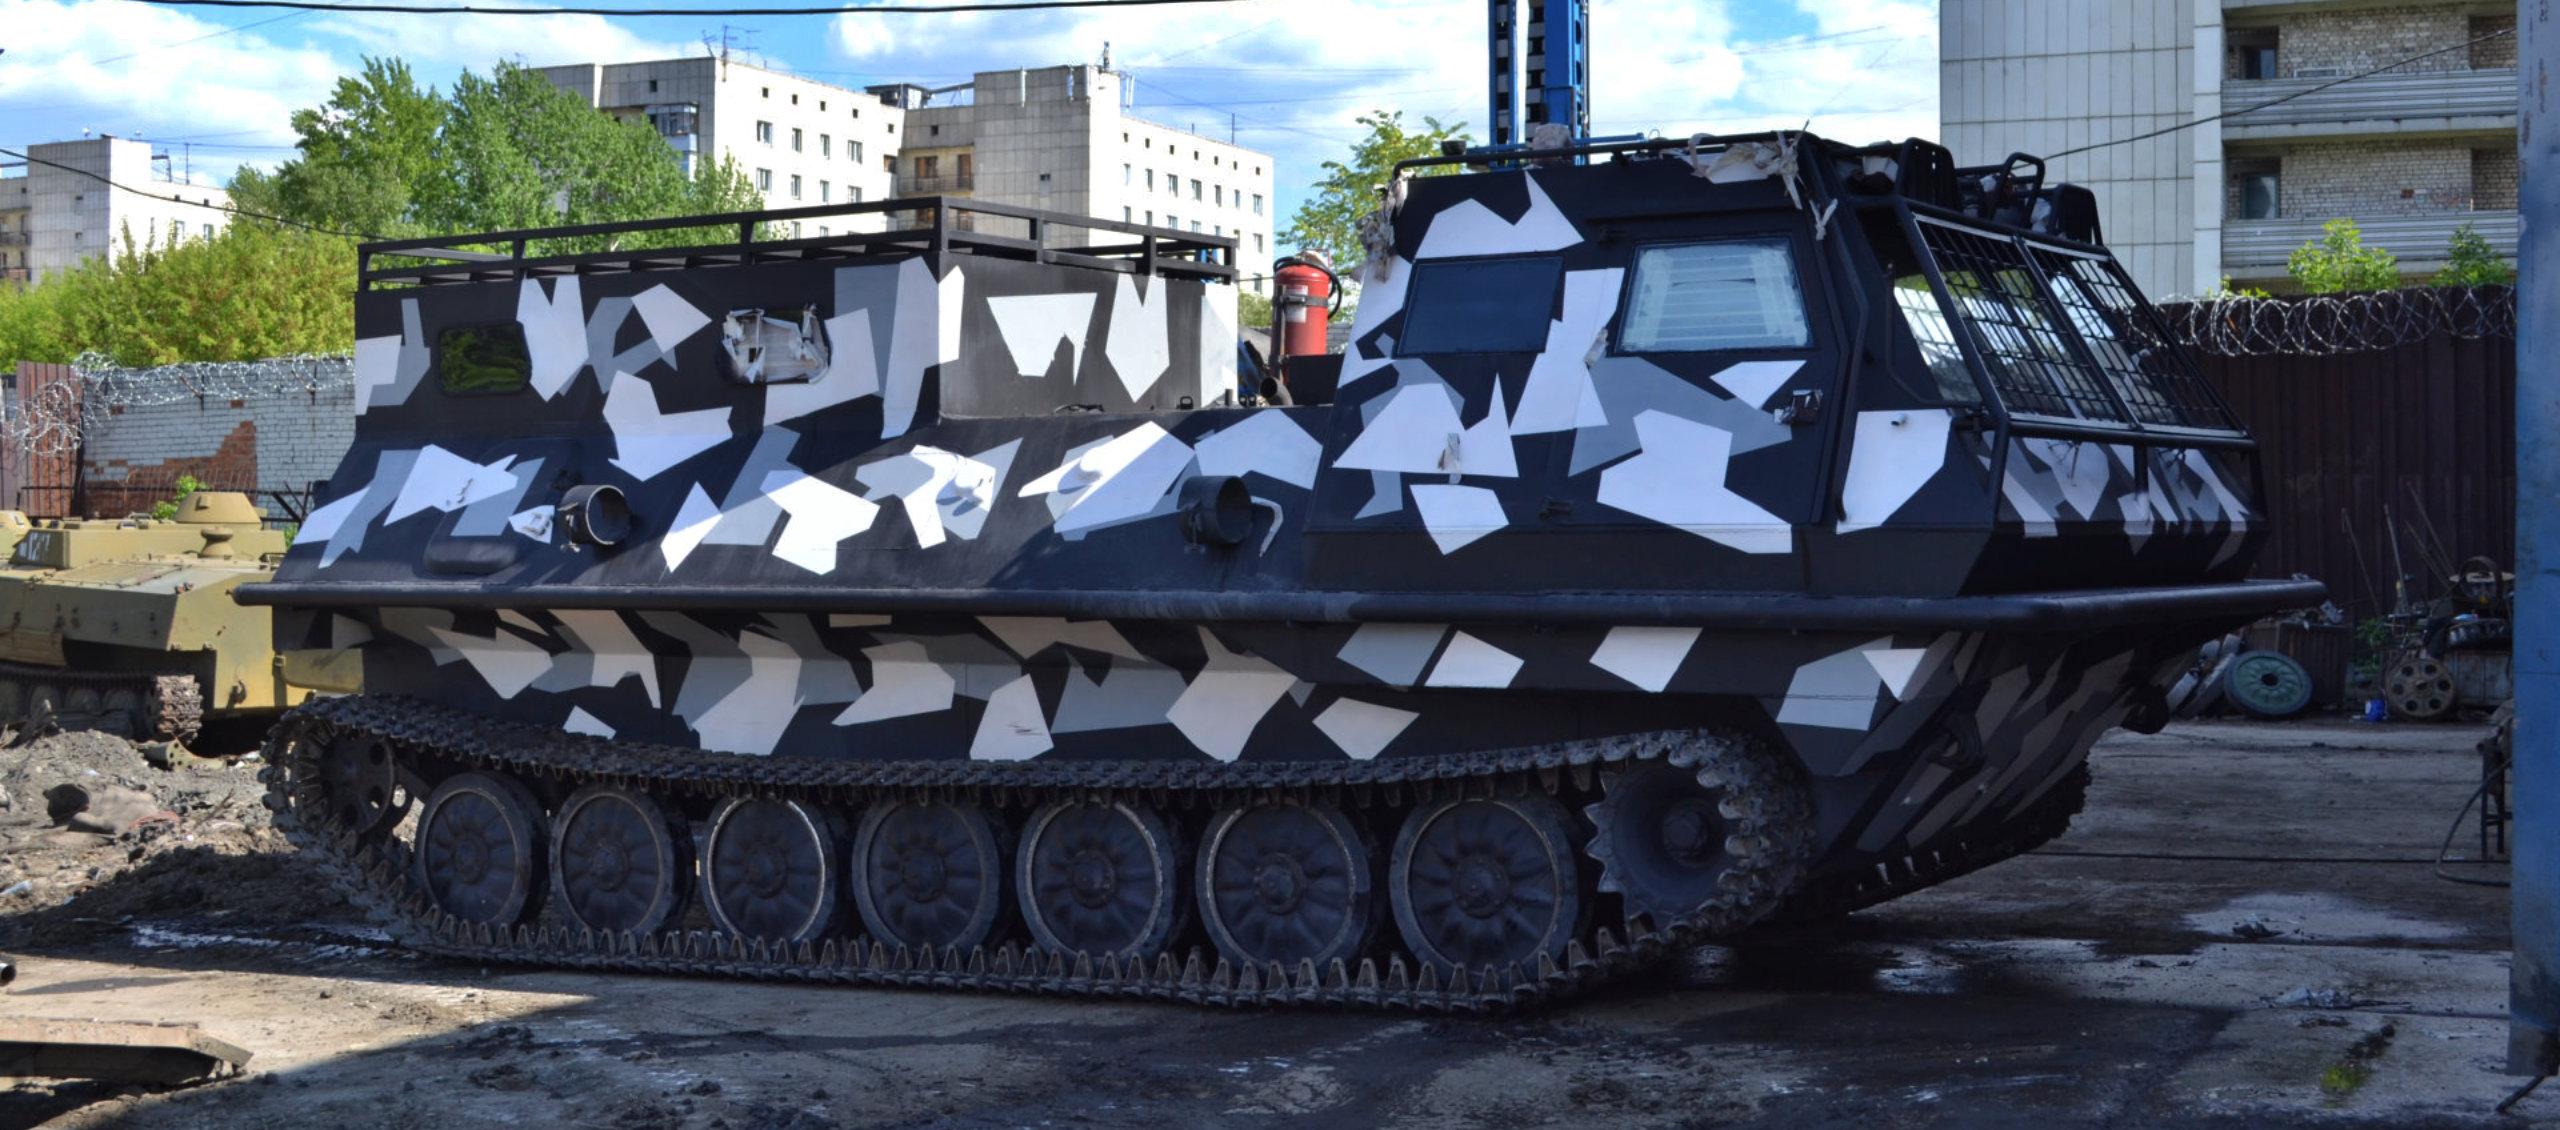 Снегоболотоход КТМ-11Г грузопассажирский с кунгом